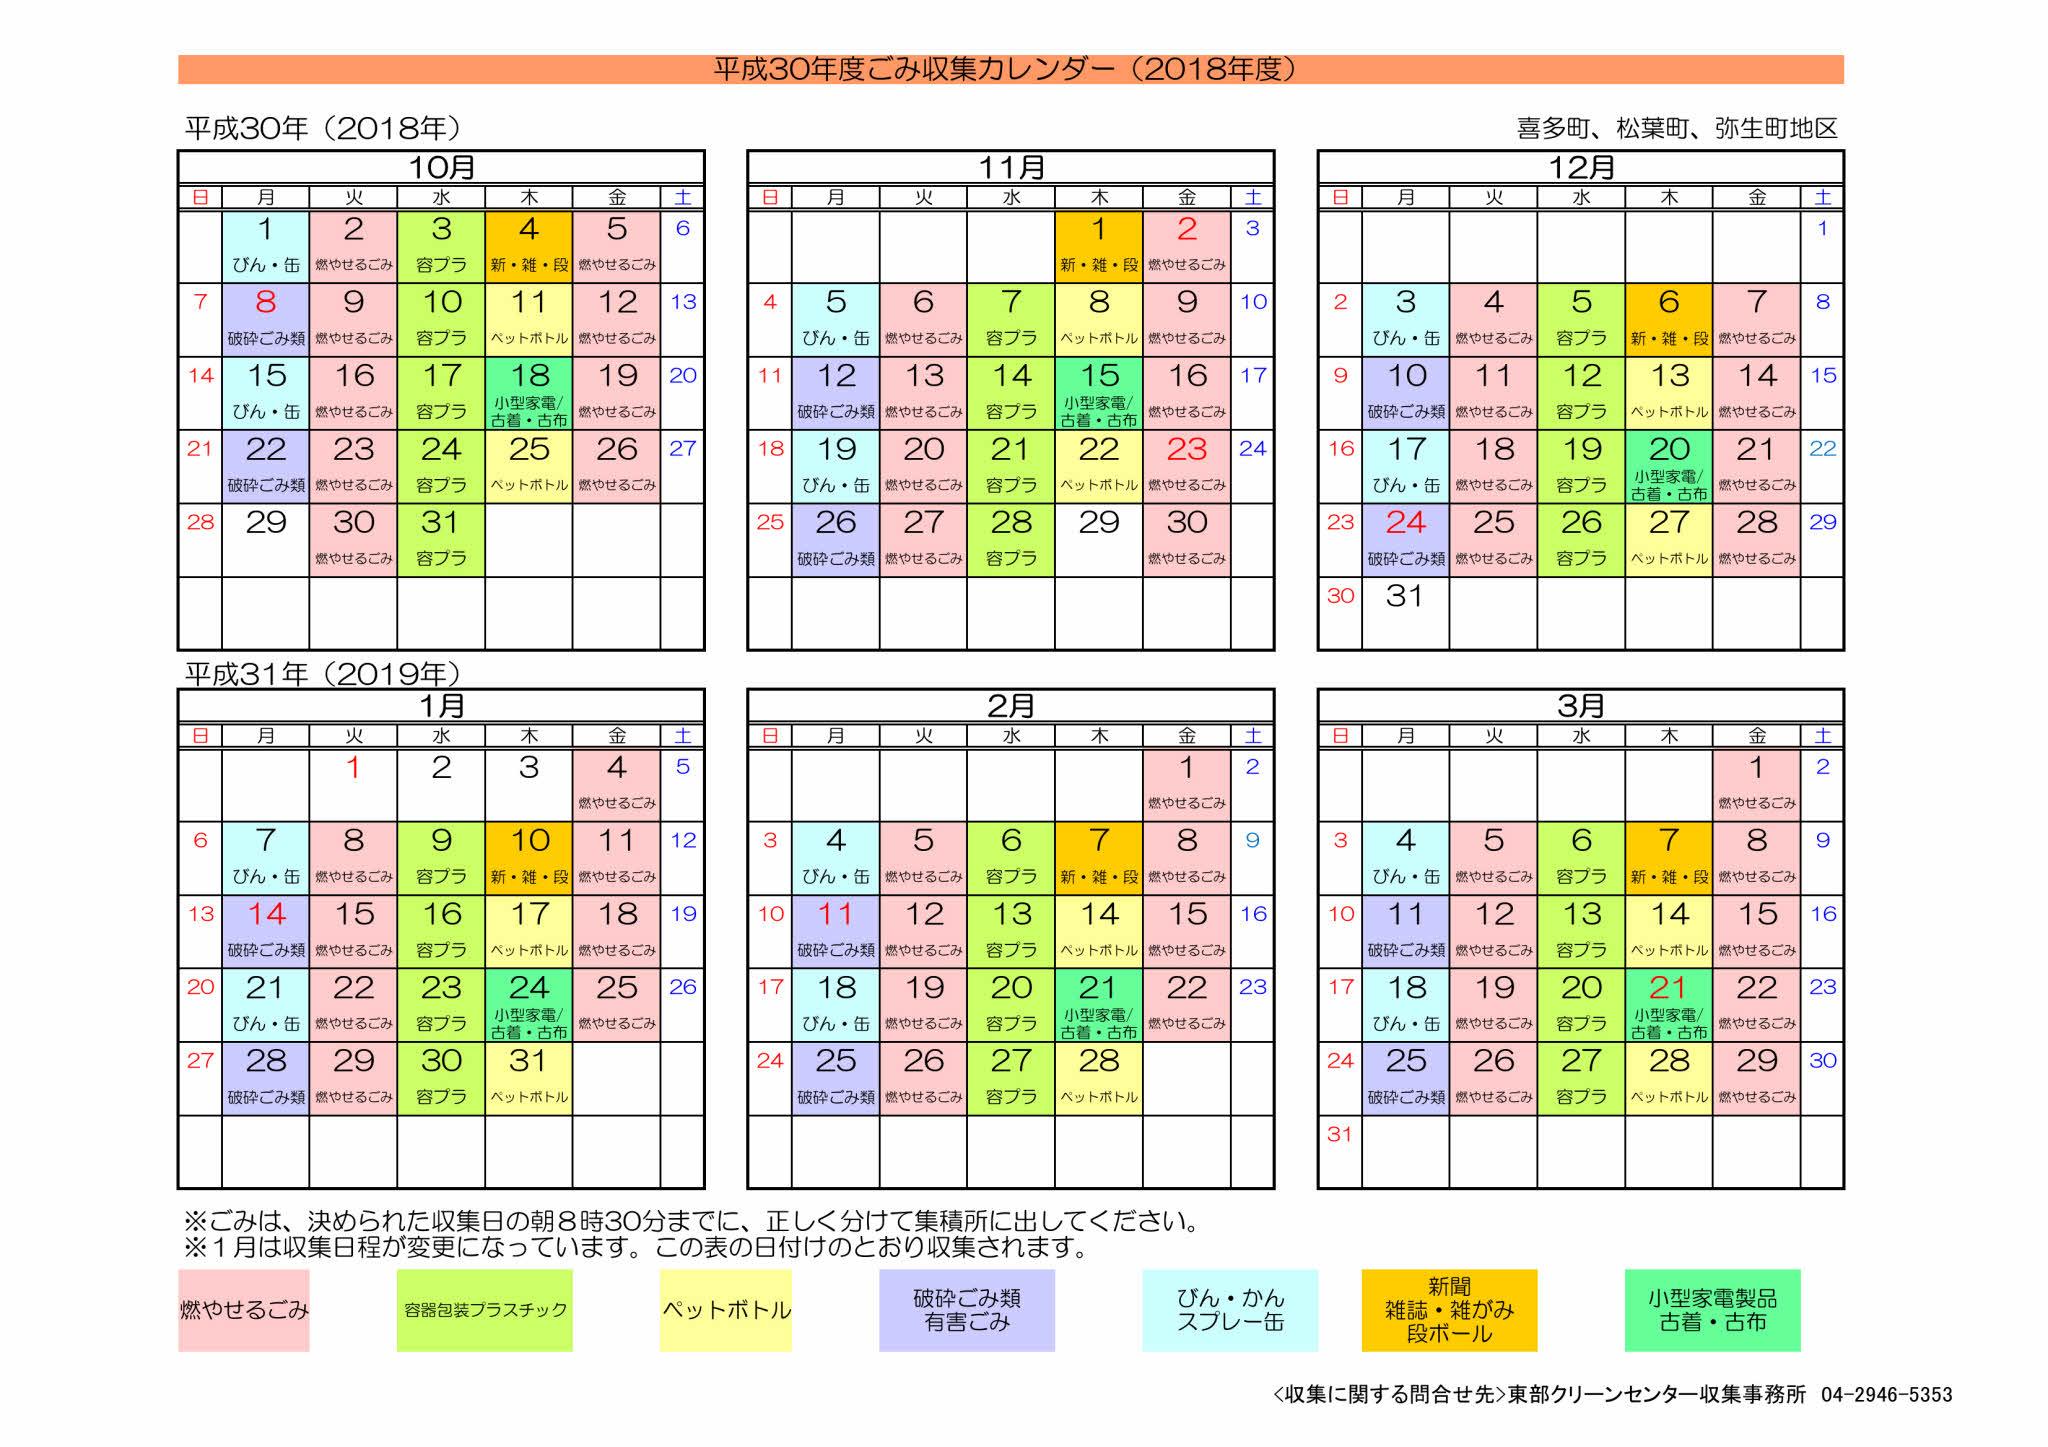 所沢 ゴミ カレンダー